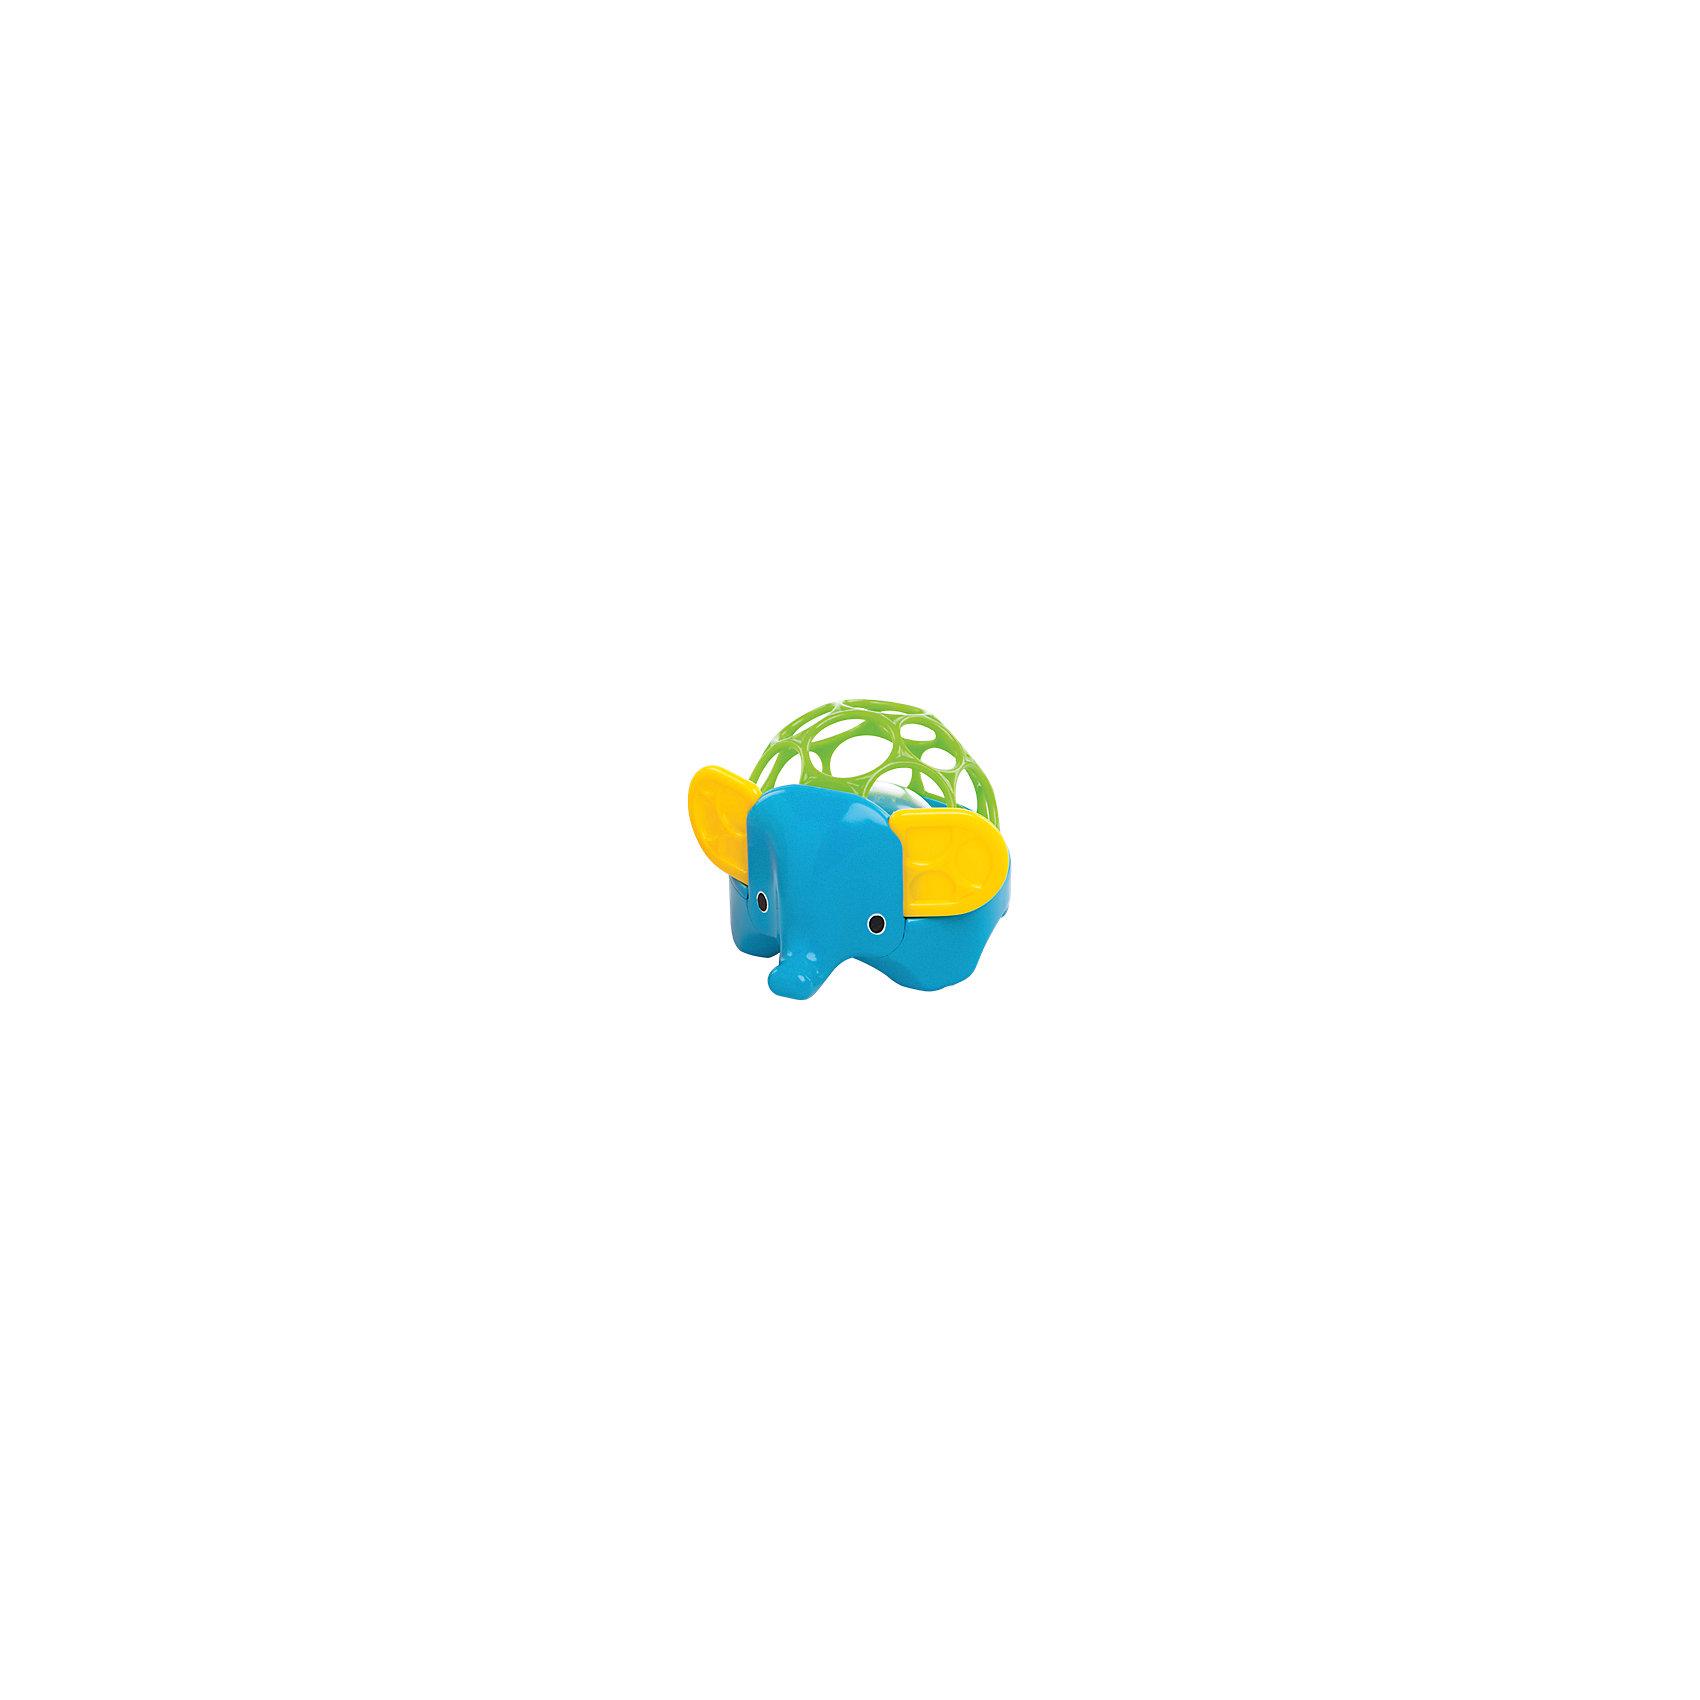 Погремушка Зоопарк. Слон, OballИгрушки для малышей<br>Погремушка «Зоопарк. Слон» от знаменитого американского бренда Oball (Обал). Яркая и веселая игрушка изготовлена из высококачественного пластика и сделает игру малыша еще интереснее! Специальные колечки сделаны для того, чтобы игрушку можно было держать маленькими пальчиками, а маленькие разноцветные шарики в центре начнуть звенеть, если потрясти игрушку. Игрушка поможет развить звуковое, цветовое и тактильное восприятие ребенка. <br>- Дополнительная информация:<br>- Материал: пластик<br>- Размер 14 * 12 * 9 см.<br><br>Погремушку «Зоопарк. Слон» Oball можно купить в нашем интернет-магазине.<br><br>Подробнее:<br>• Для детей в возрасте: от 0 месяцев до 1 года<br>• Номер товара: 4918373<br>Страна производитель: Китай<br><br>Ширина мм: 98<br>Глубина мм: 87<br>Высота мм: 122<br>Вес г: 183<br>Возраст от месяцев: 0<br>Возраст до месяцев: 36<br>Пол: Унисекс<br>Возраст: Детский<br>SKU: 4918373